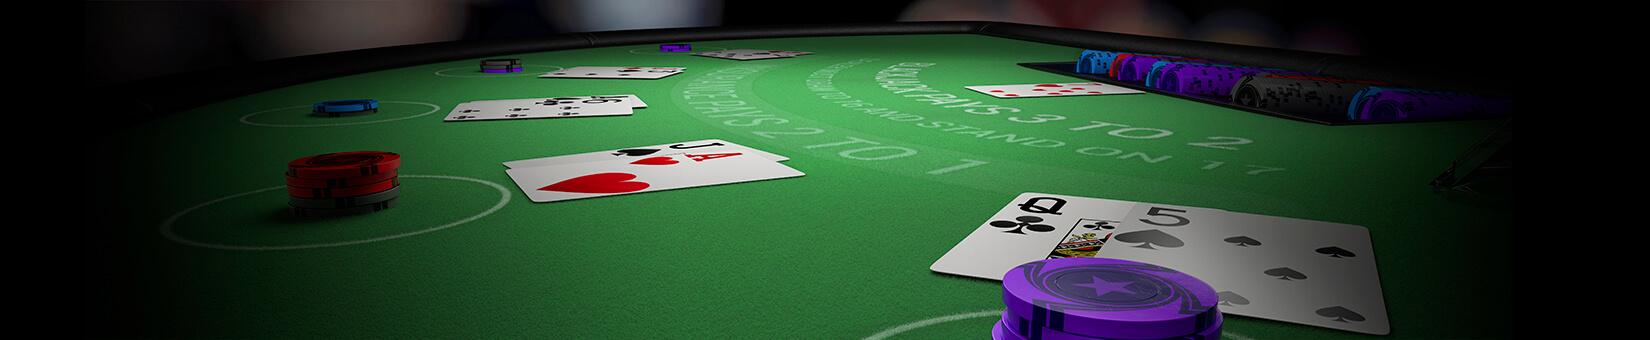 Reglas blackjack americano mejores casino Argentina 878259